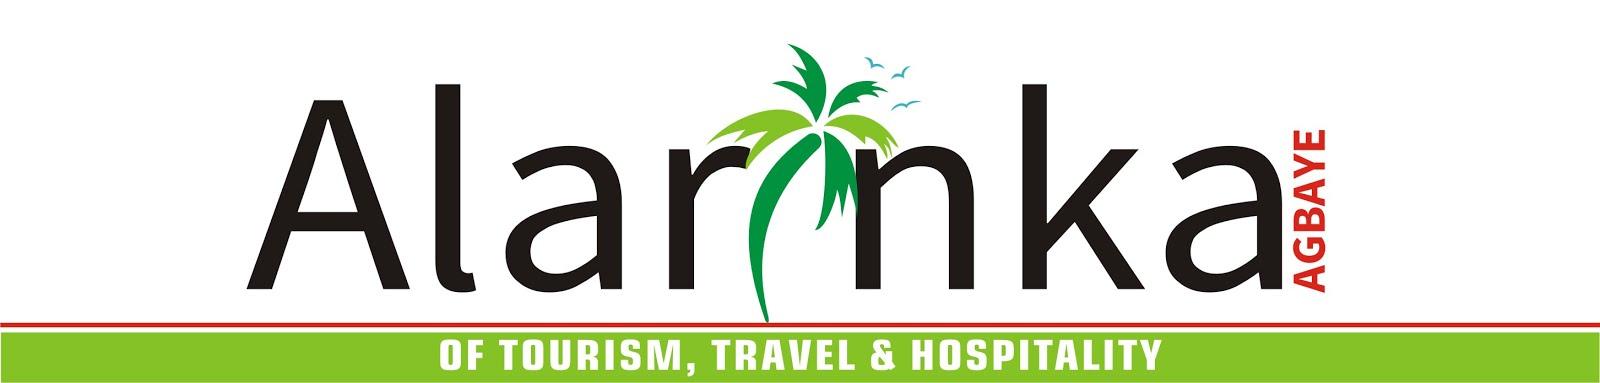 Alarinka Agbaye Travel and Tourism